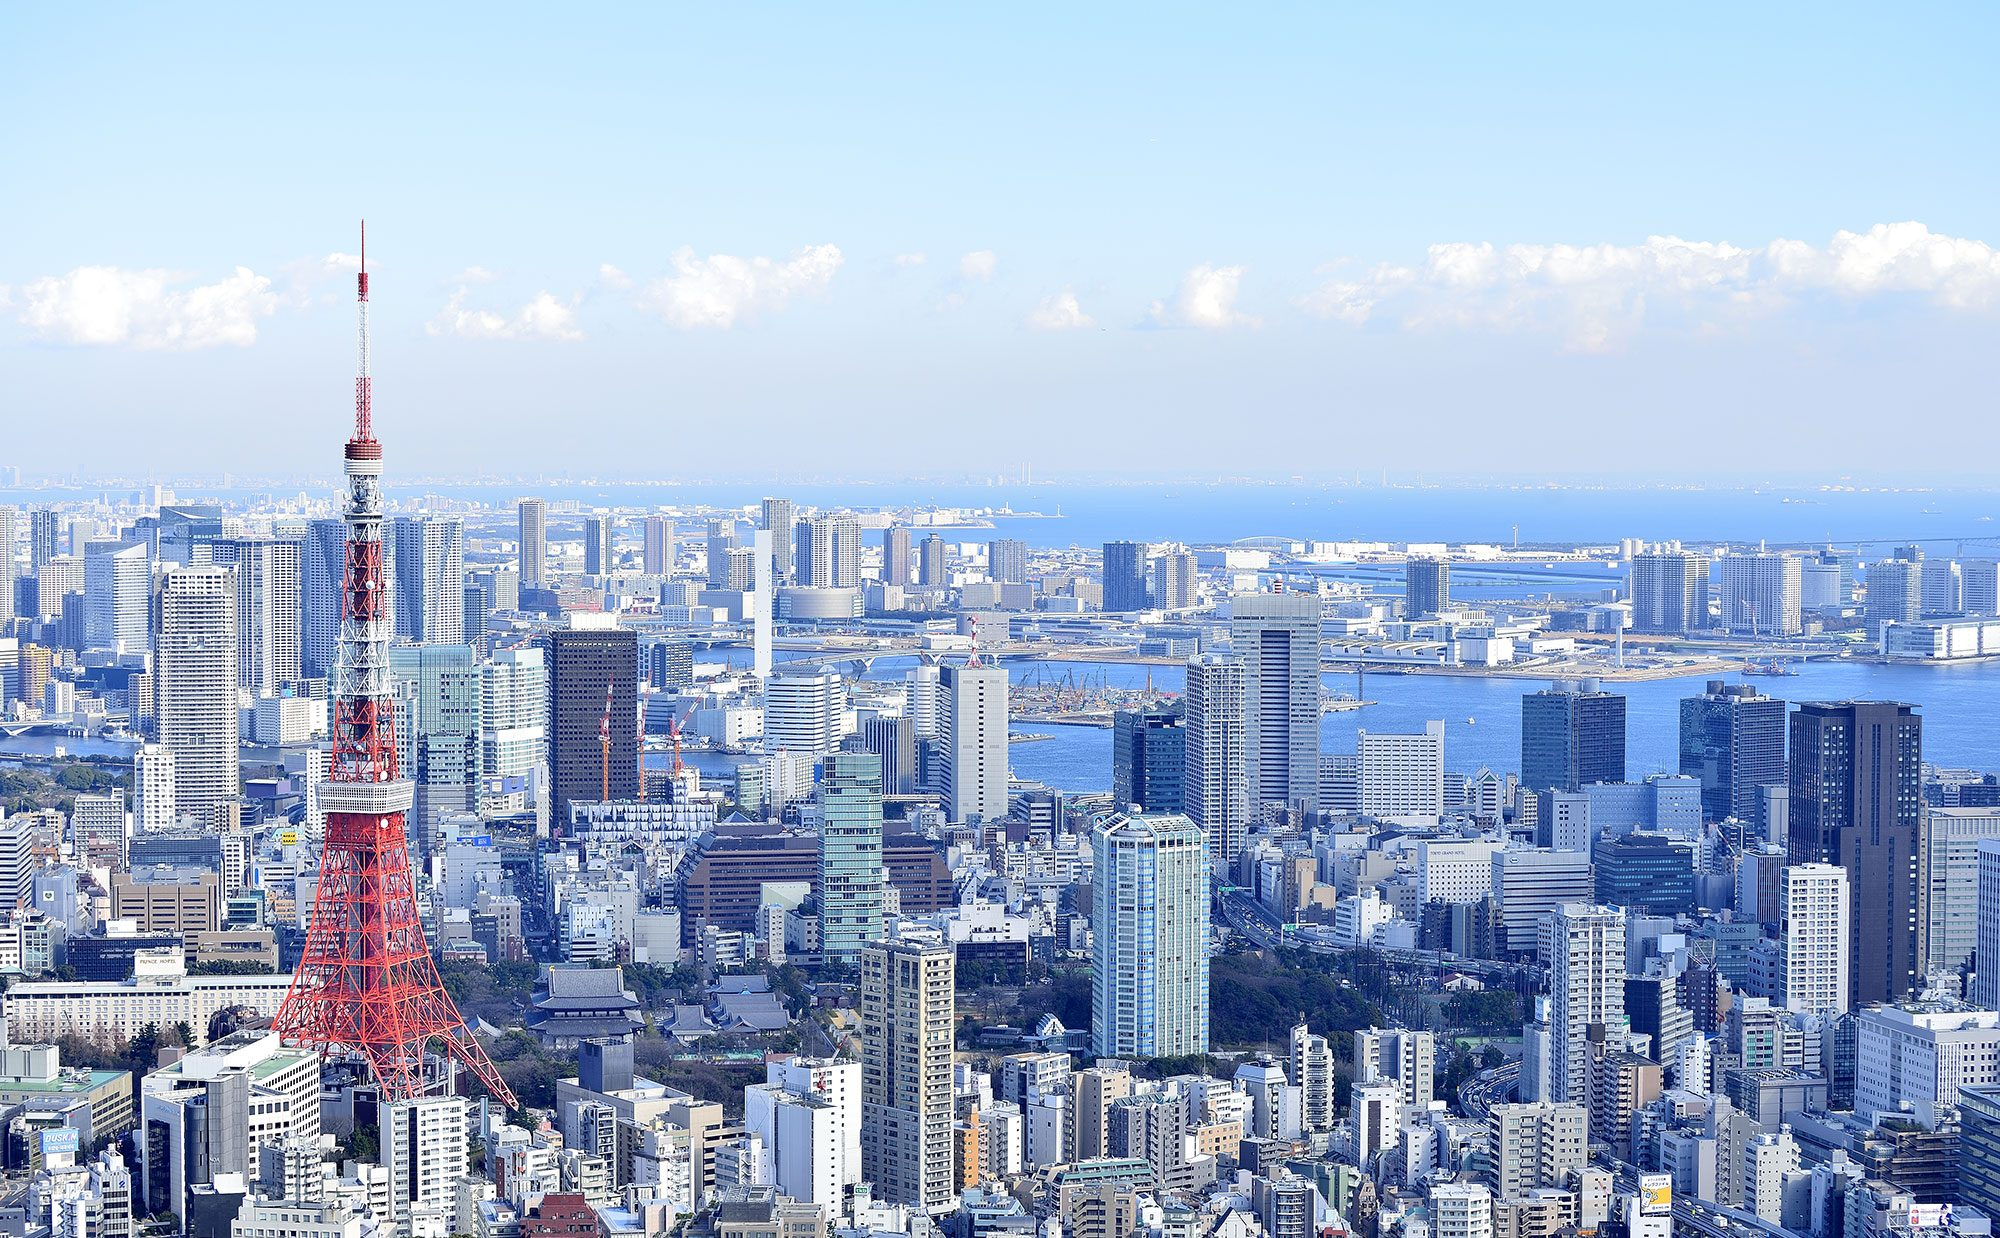 住み 東京 街 都 やすい